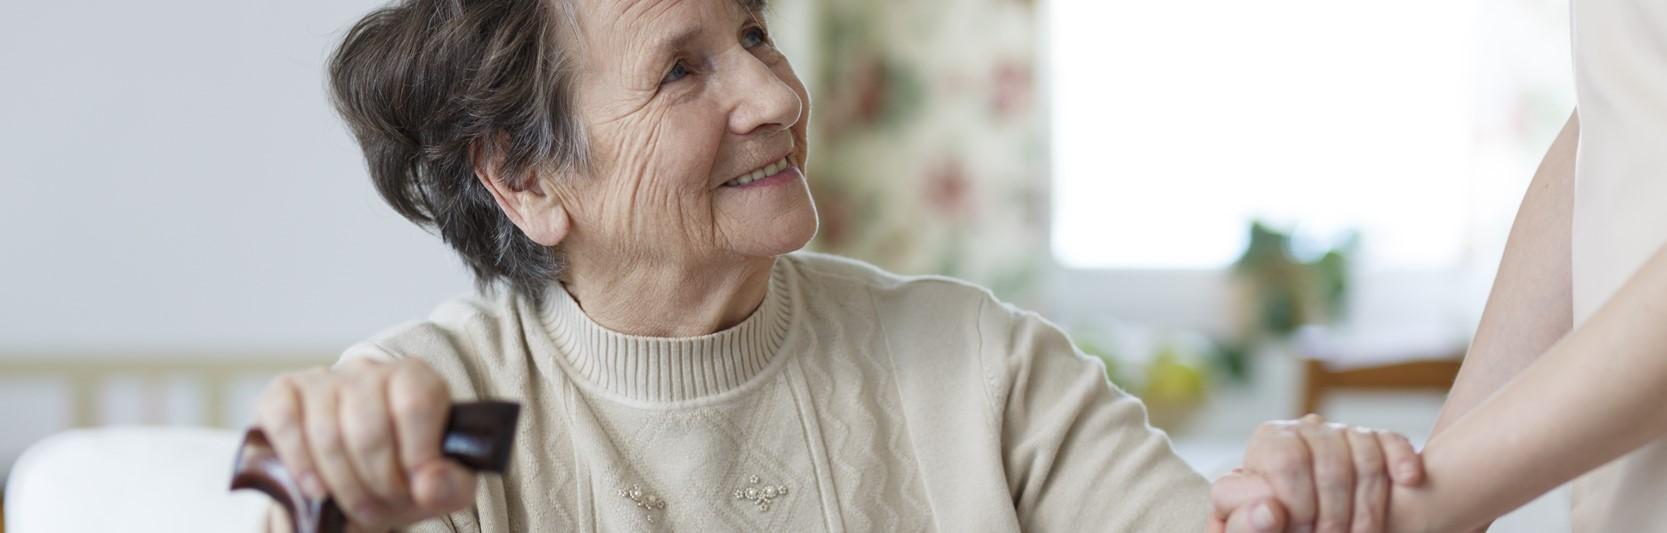 Kurzzeitpflege – Eine Entlastung für pflegende Angehörige